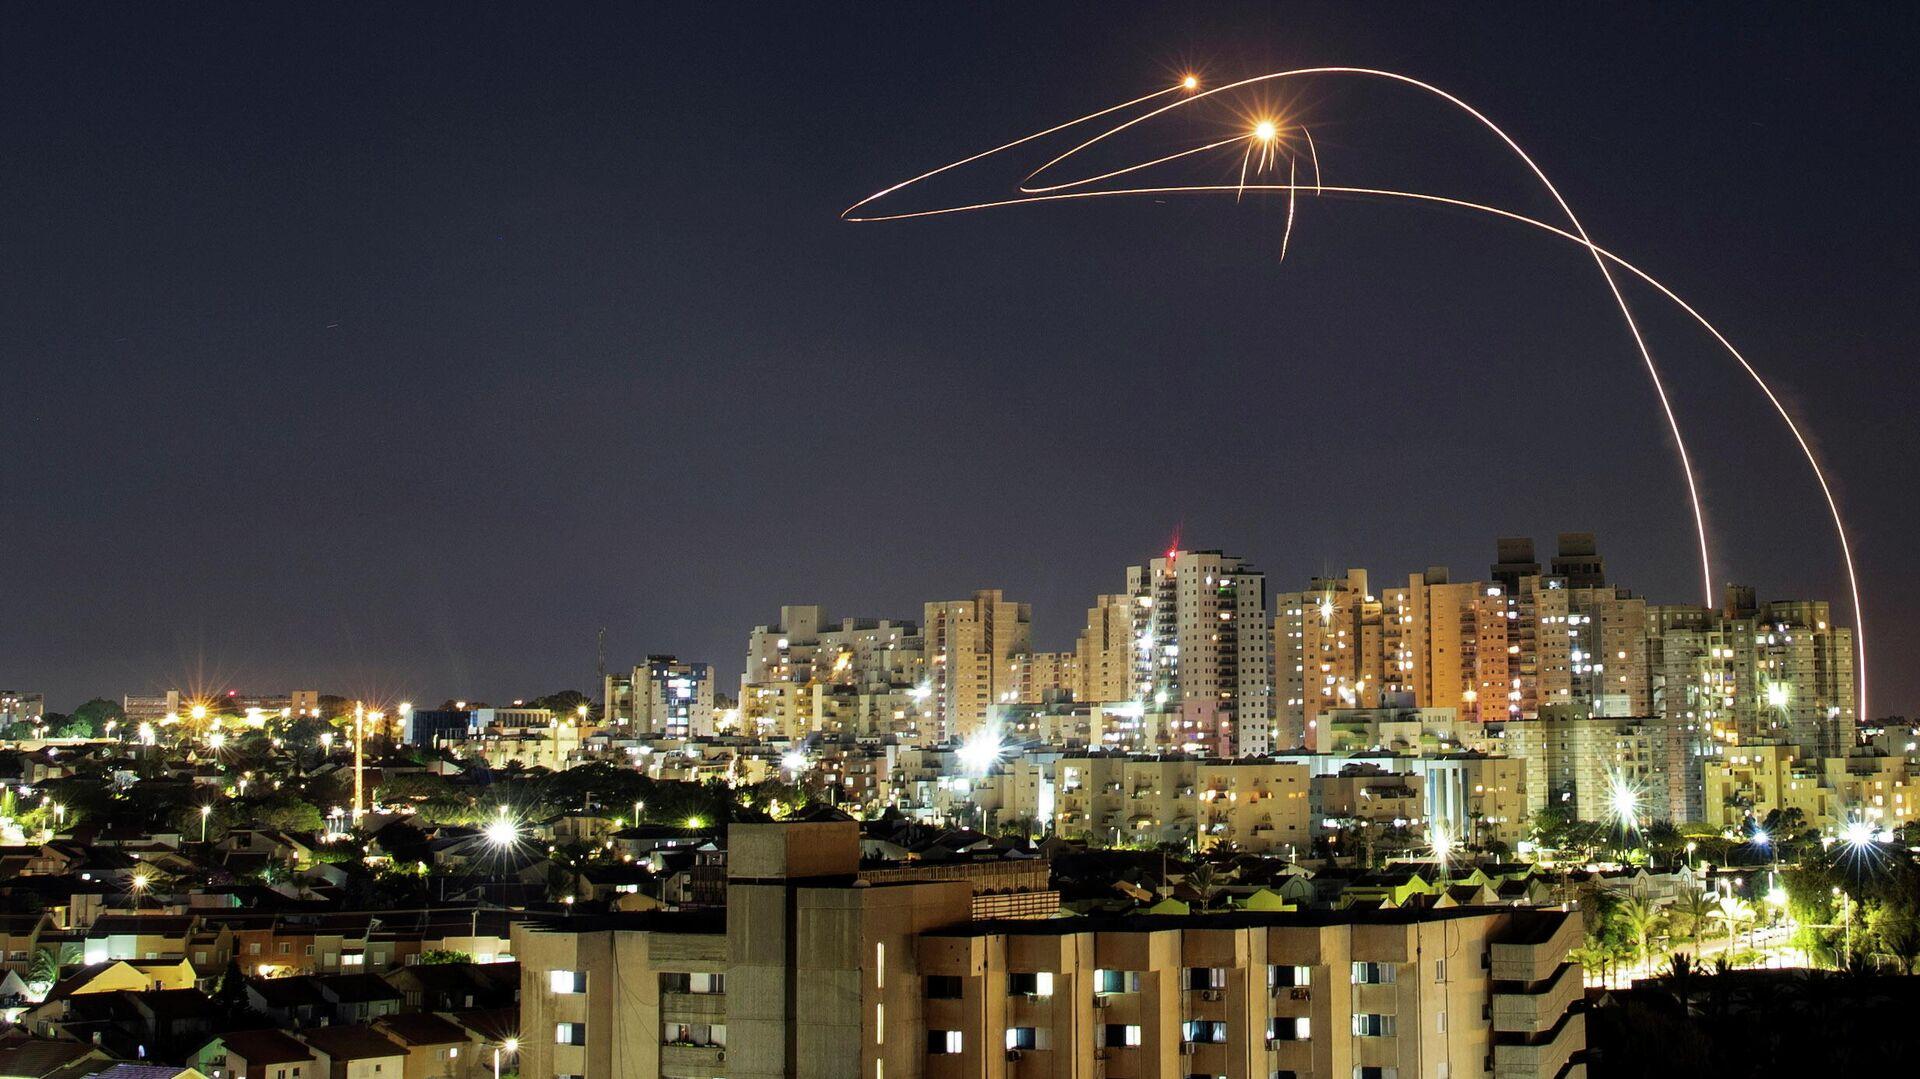 Противоракетная система Железный купол перехватывает ракеты, запущенные из сектора Газа, в небе над Ашкелоном - РИА Новости, 1920, 16.05.2021